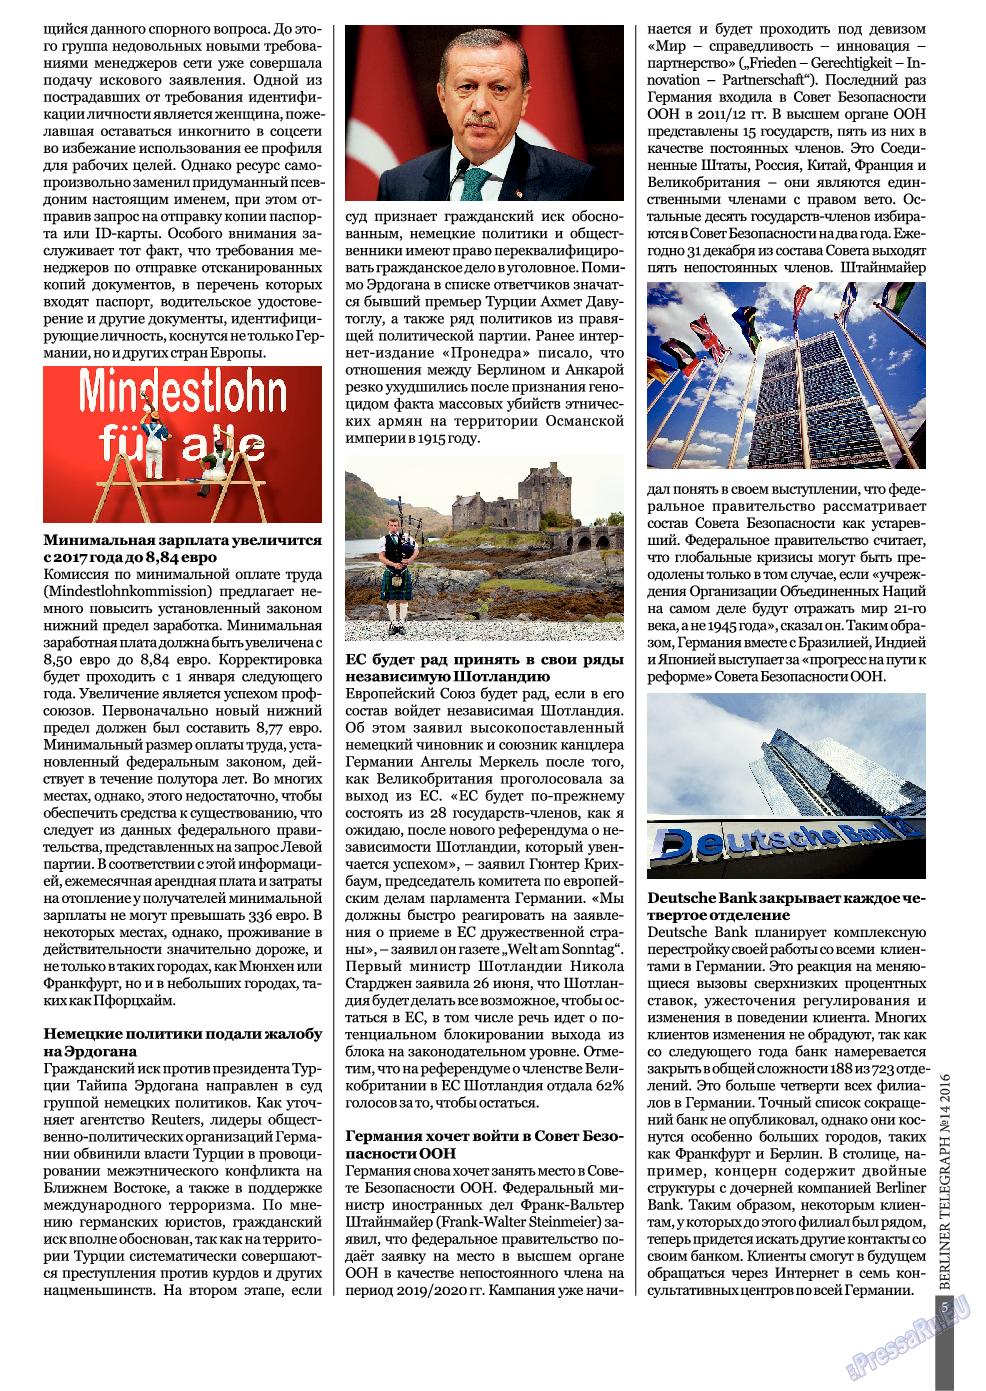 Берлинский телеграф (журнал). 2016 год, номер 14, стр. 5